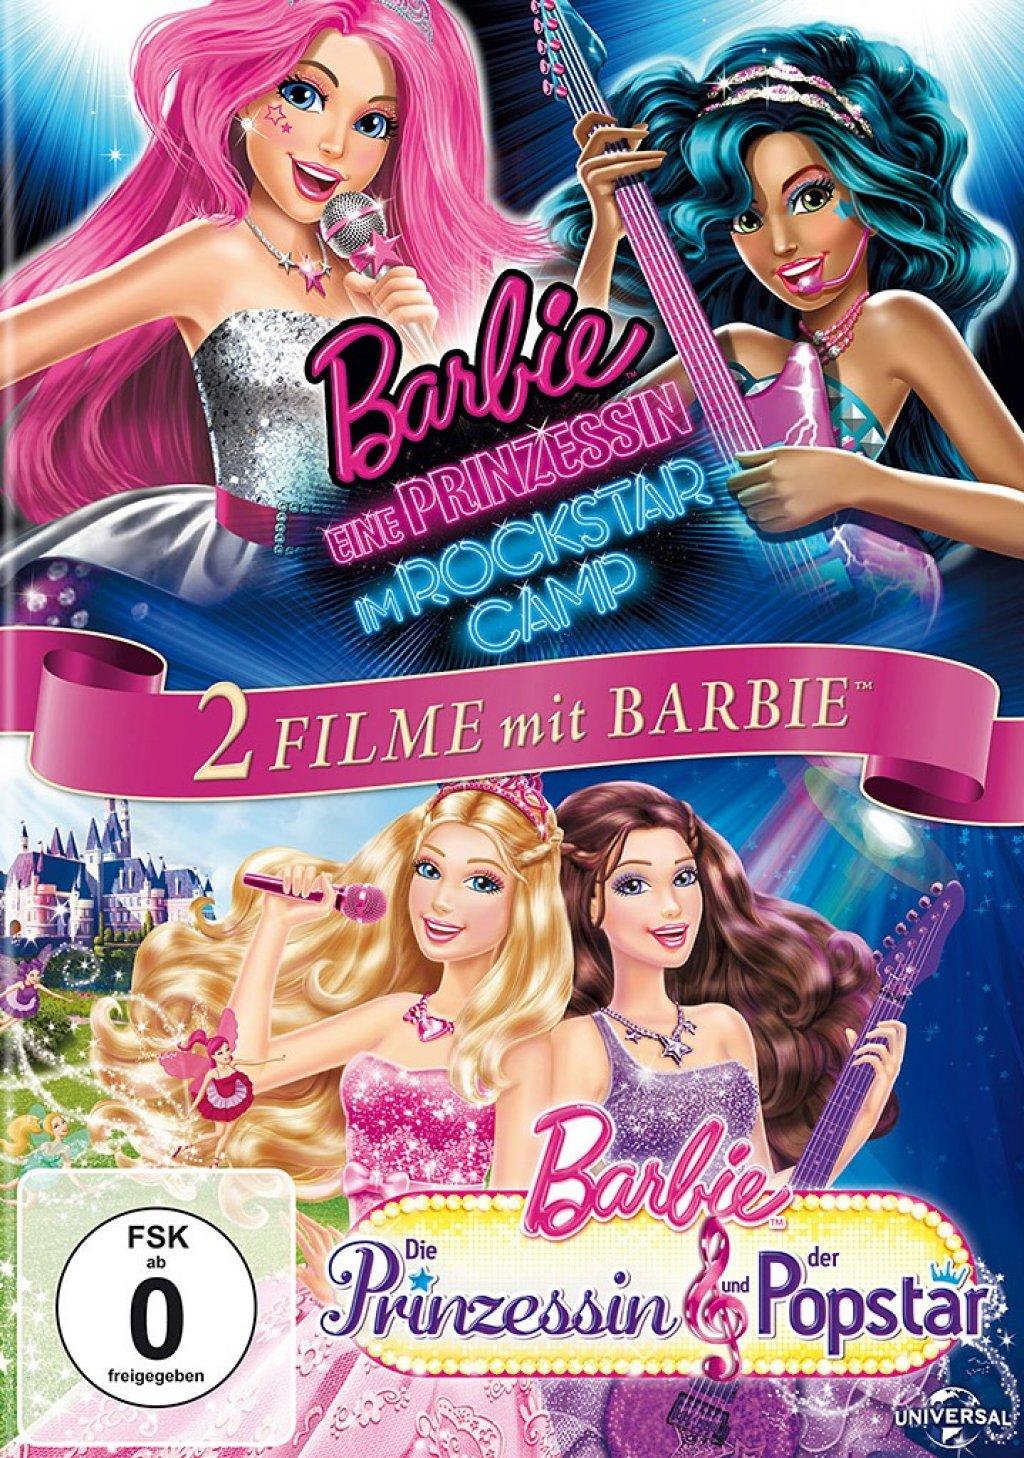 Barbie - Eine Prinzessin im Rockstar Camp & Die Prinzessin und der Popstar (DVD)